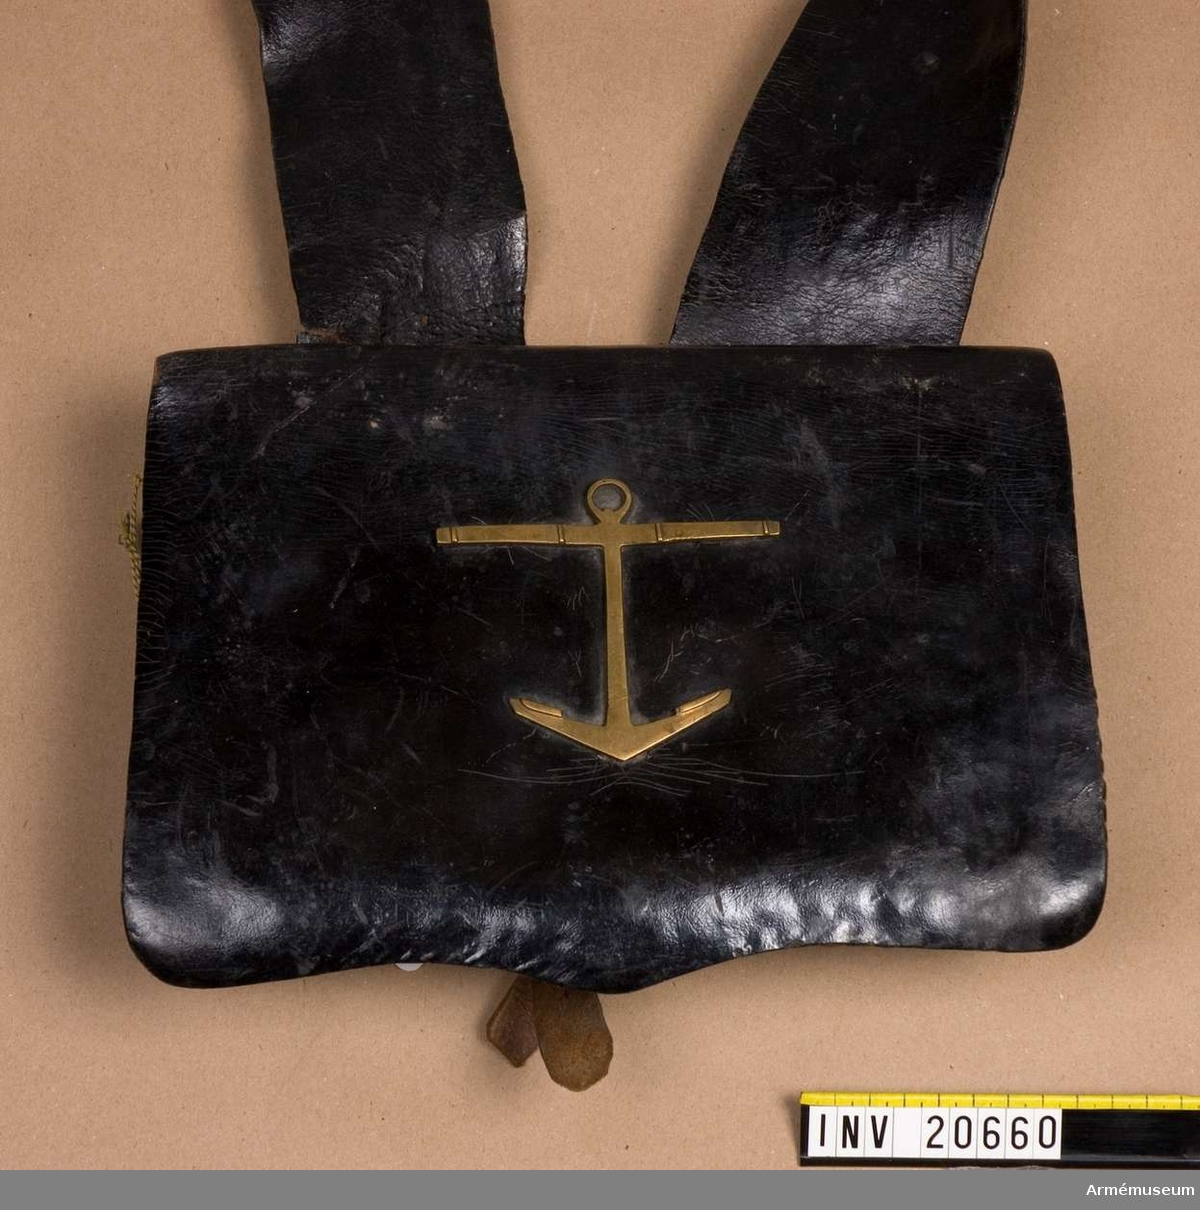 Av svart lackerat läder.  LOCK av tjockt, svart lackerat läder, fastsytt vid väskan. På locket ett ankare av mässing. Ankaret har på baksidan. en ögla med ett hål, varmed det fästes vid locket med hjälp av en  rem. För att locket skall behålla sin form finns på baksidan av locket en fastsydd läderbit.  VÄSKAN av grovt, svart lackerat läder. Ett tunnare läderlock betäcker väskan. På framsidan en liten läderficka med läderlock. På baksidan två korta remmar fastsydda vid sidorna. På nedre delen två fastsydda spännen. På högra sidan en ficka för bajonetten, som fästes med en rem. Väskan rymmer 30 patroner.